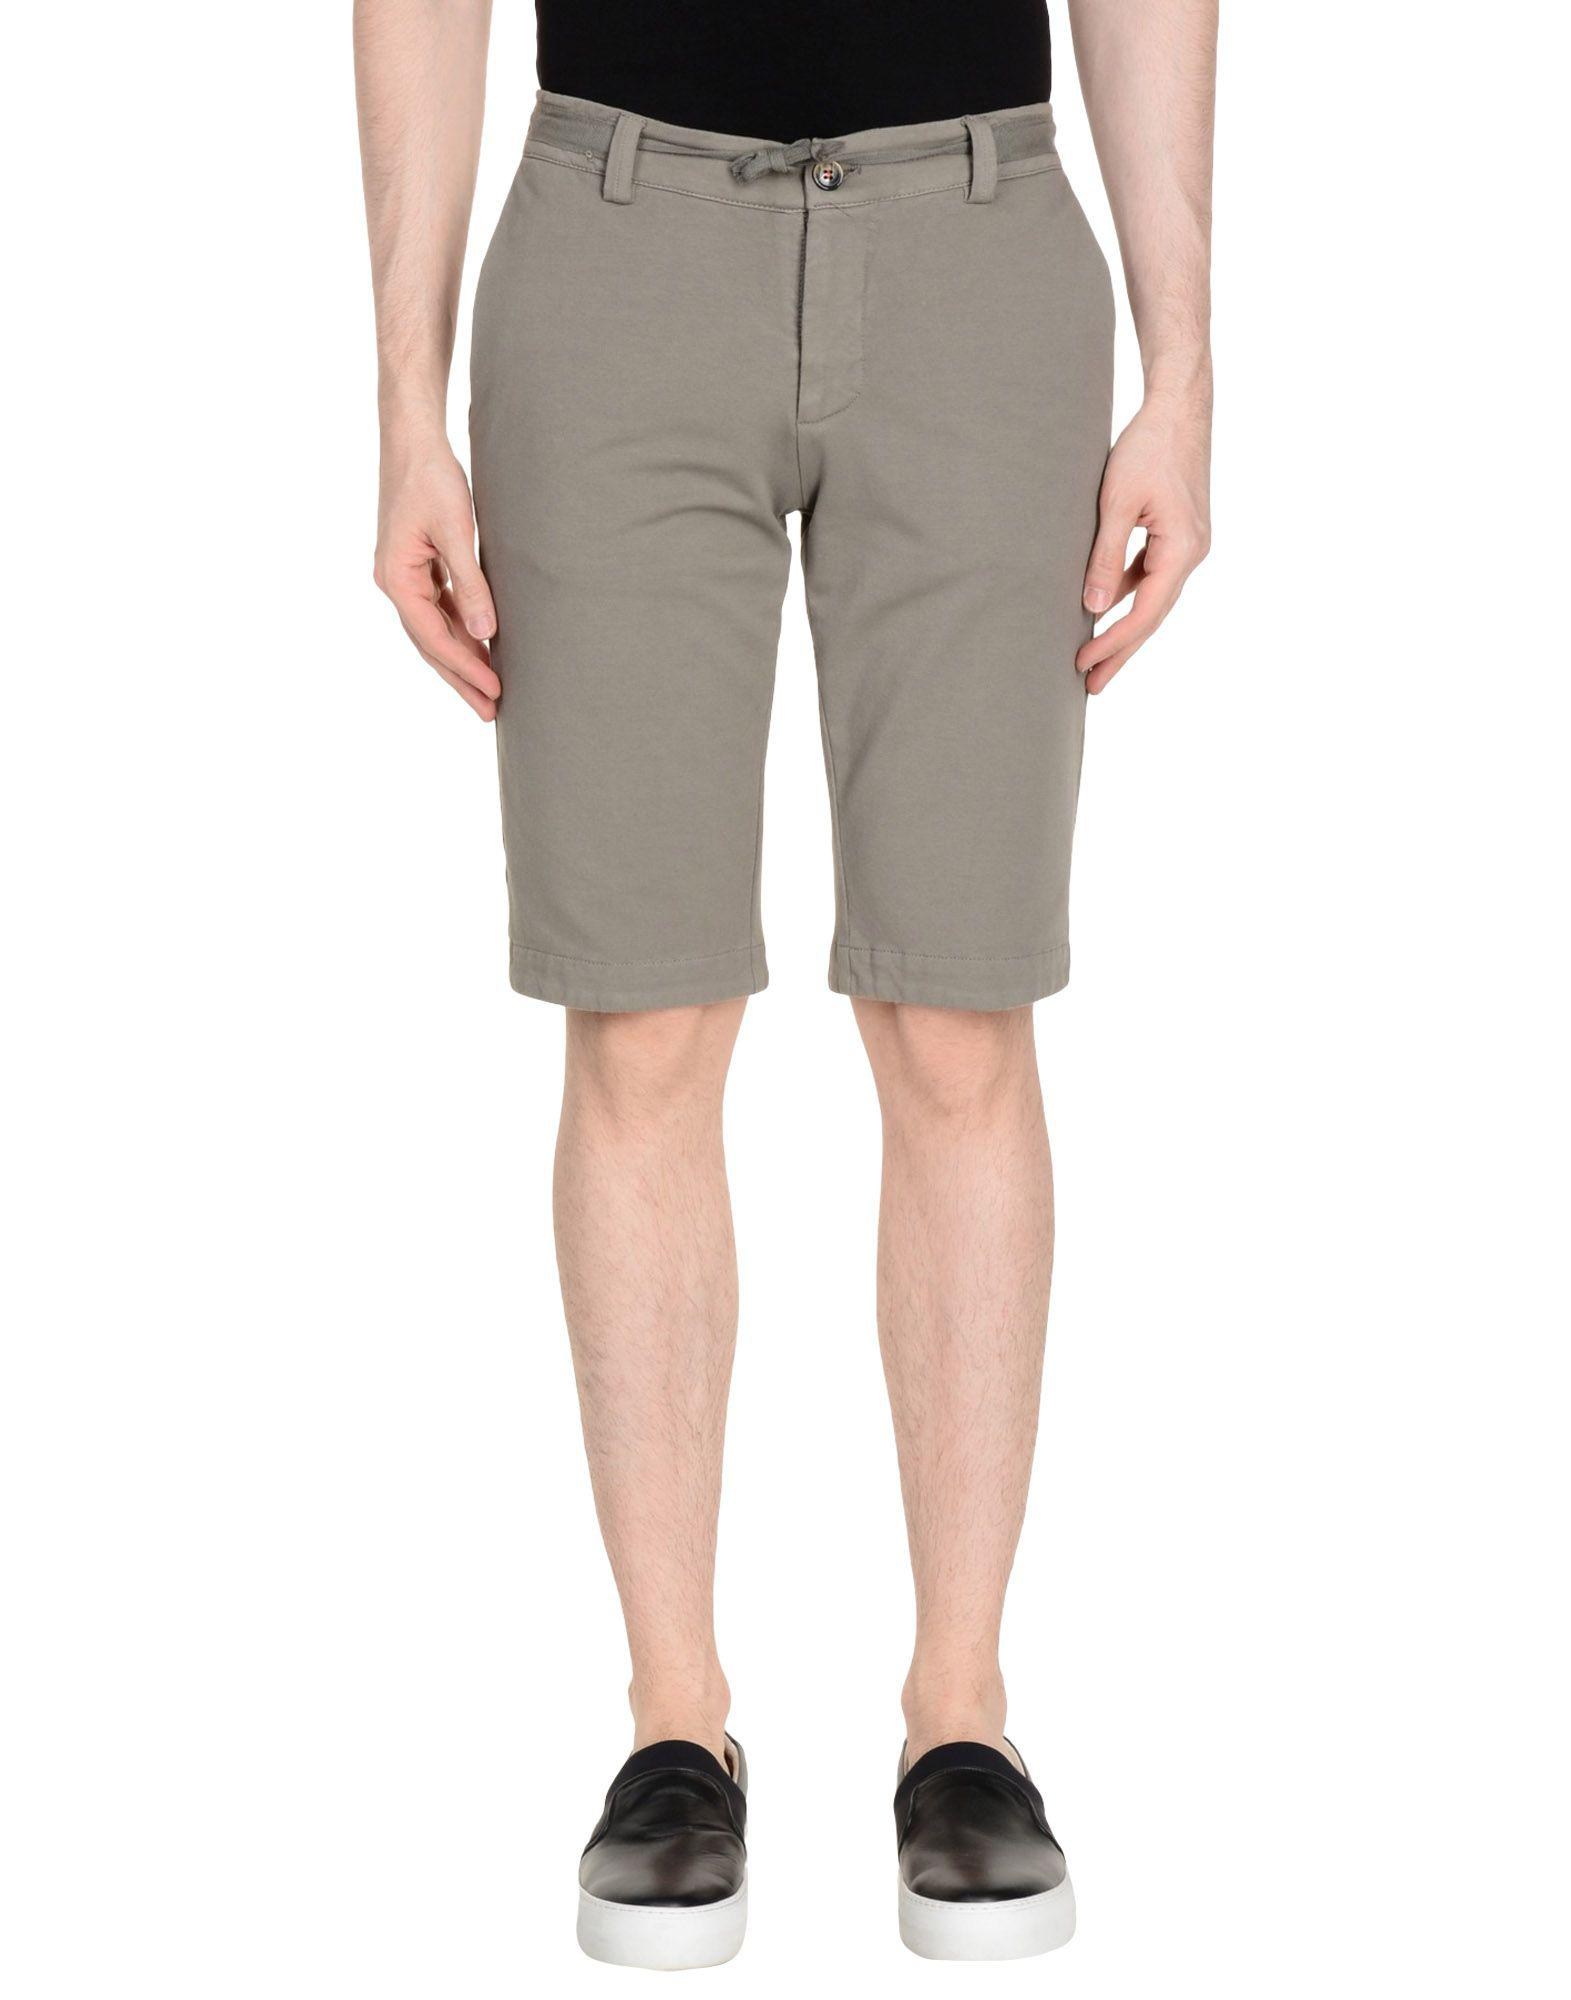 TROUSERS - Bermuda shorts Centoquattro A8Odufh